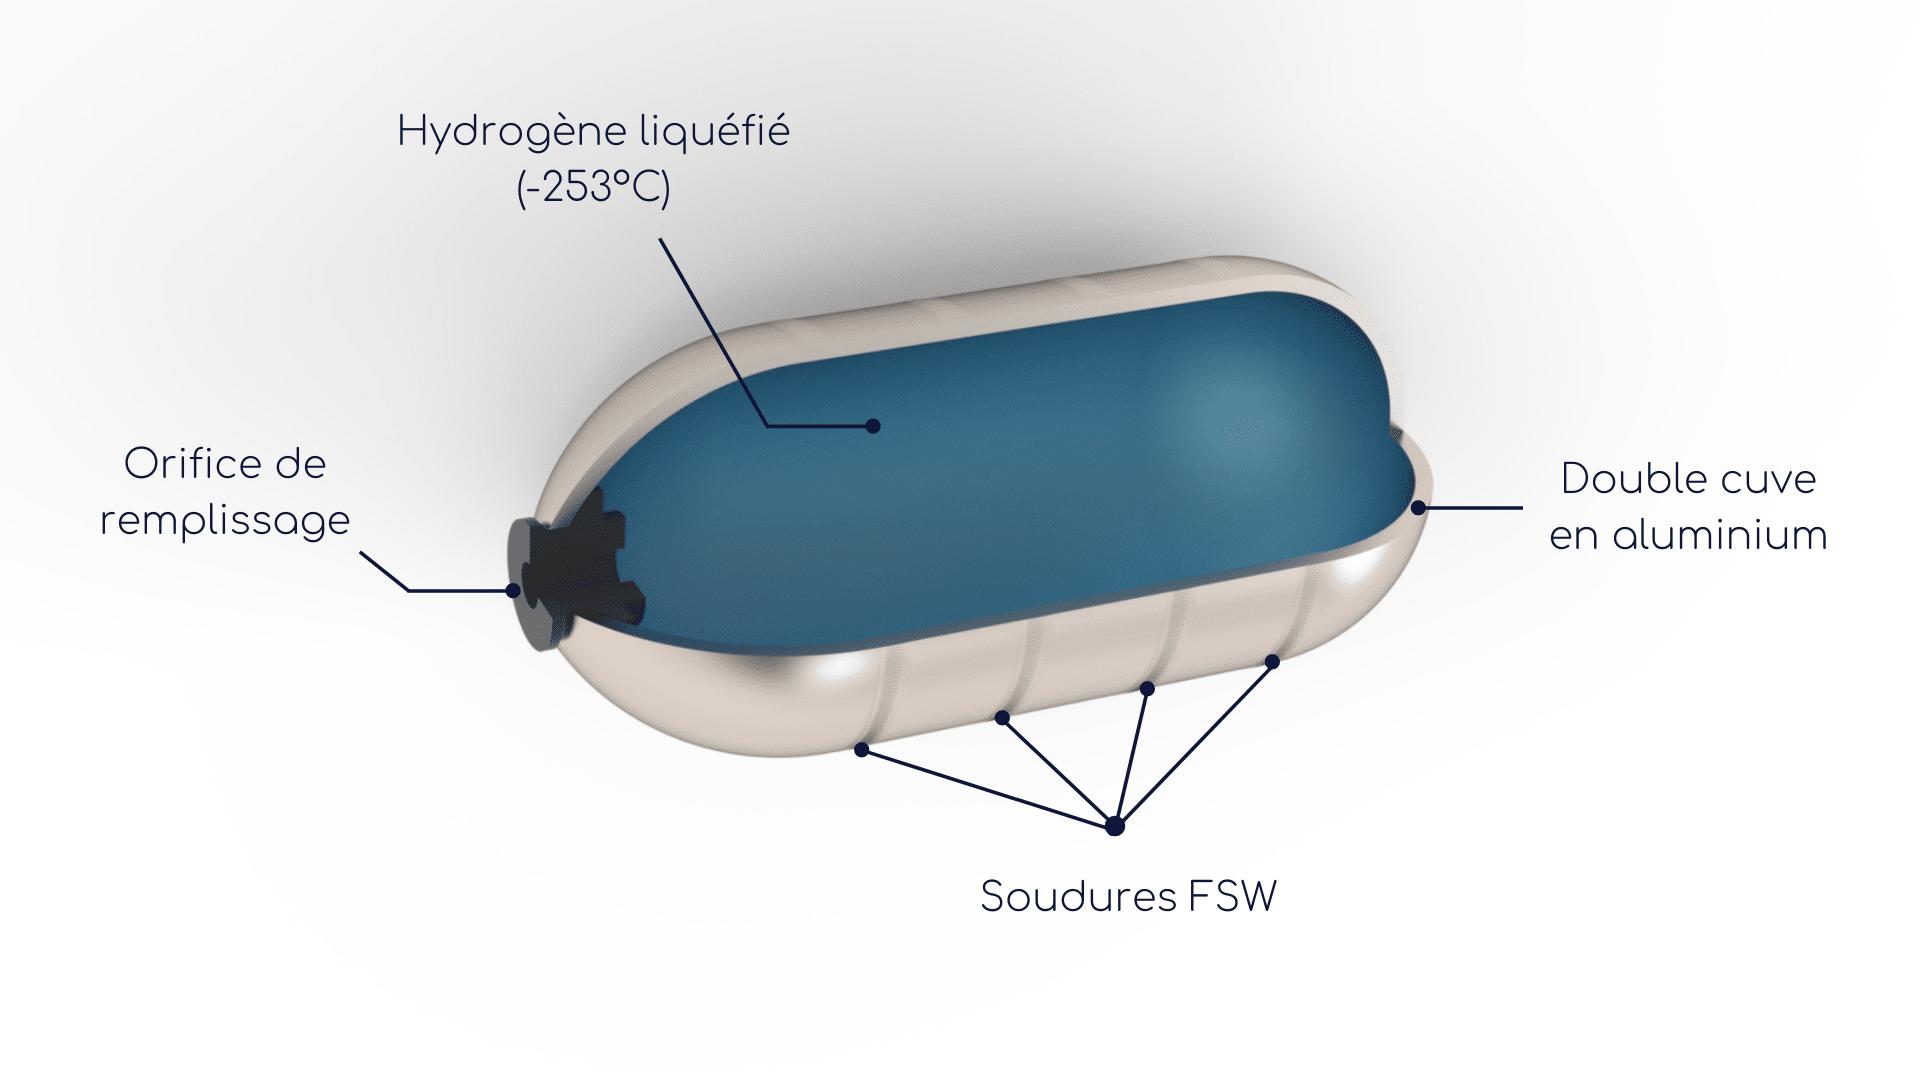 stockage cryogénique de l'hydrogène